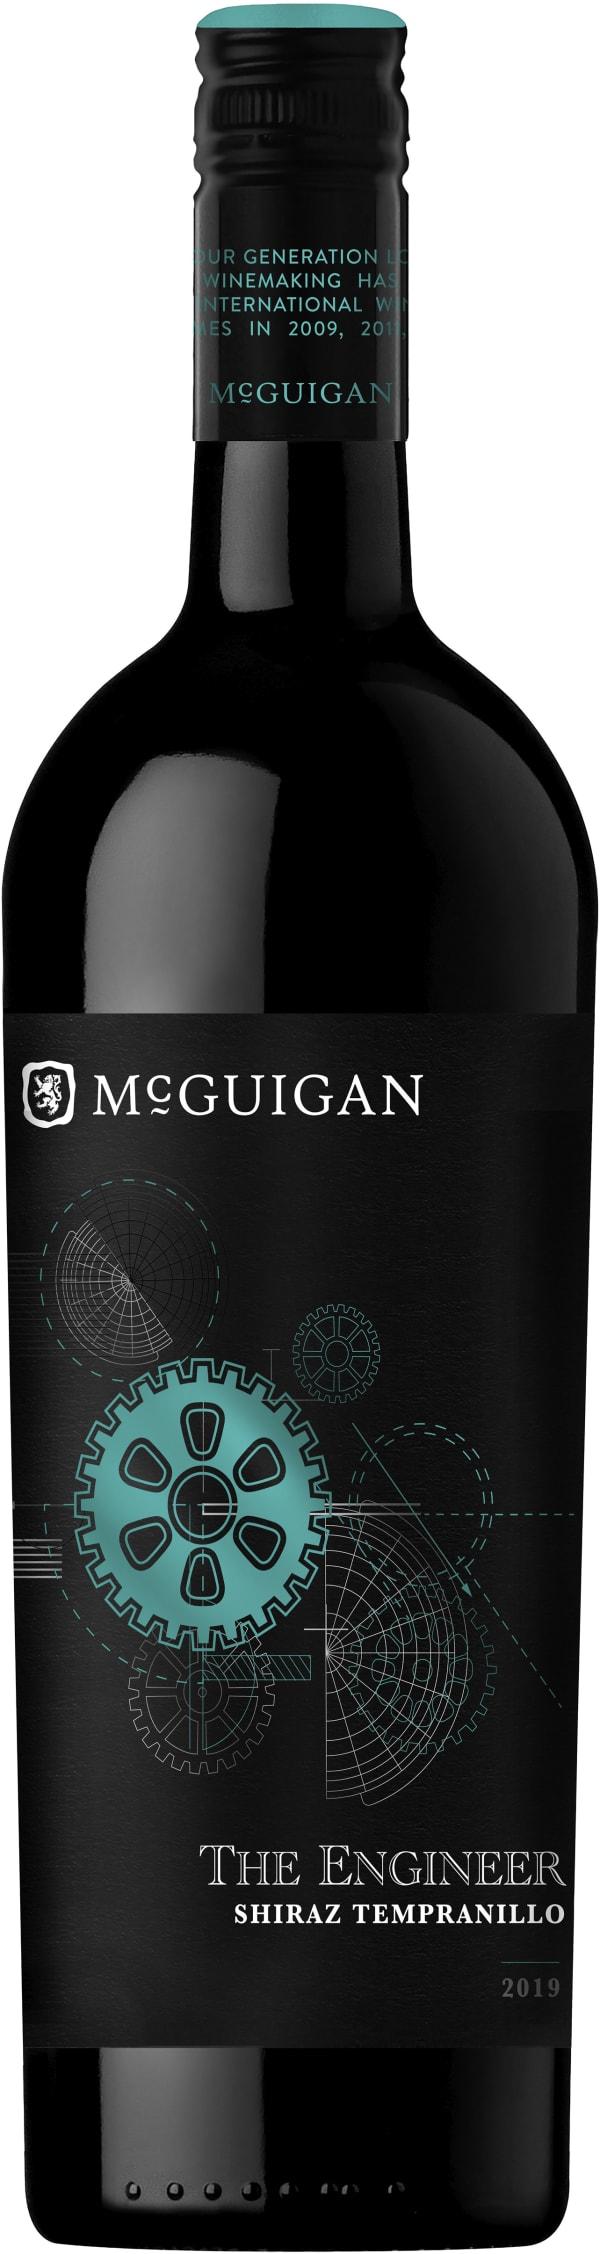 McGuigan The Engineer 2019